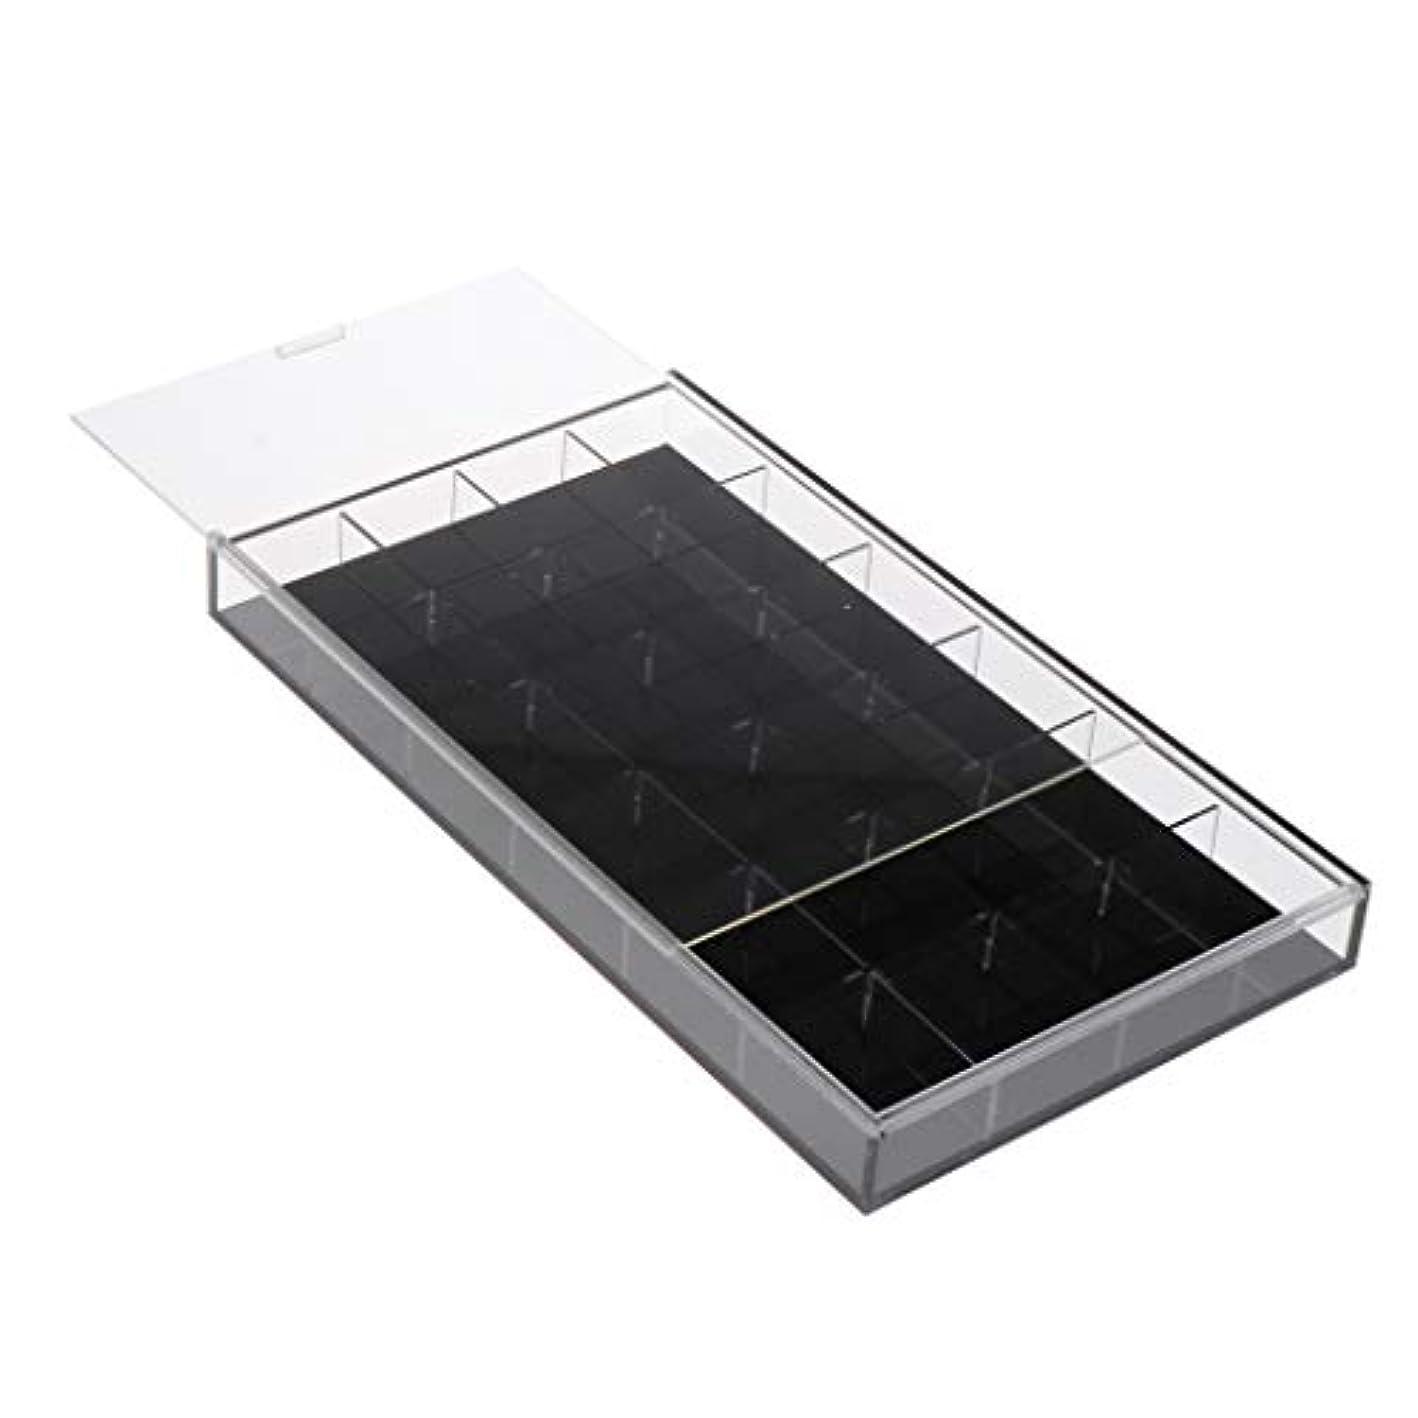 スチール海里パターンToygogo ネイルアート 収納ケース アクリルケース ジェルネイル ネイルパーツ 小物入れ 全2カラー - 黒